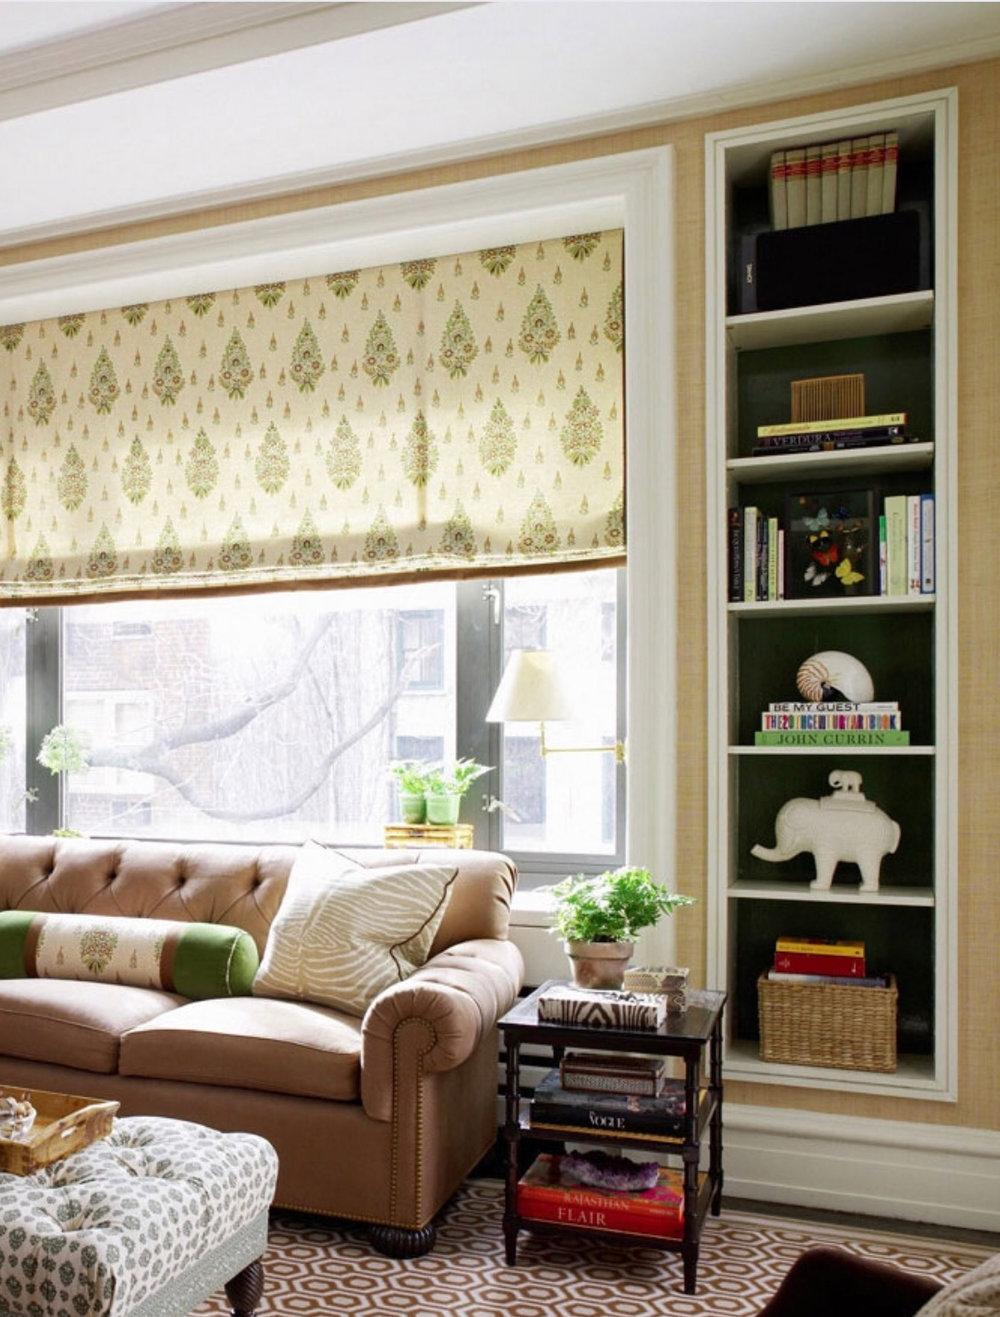 Image via  ashleywhitakerdesign.com